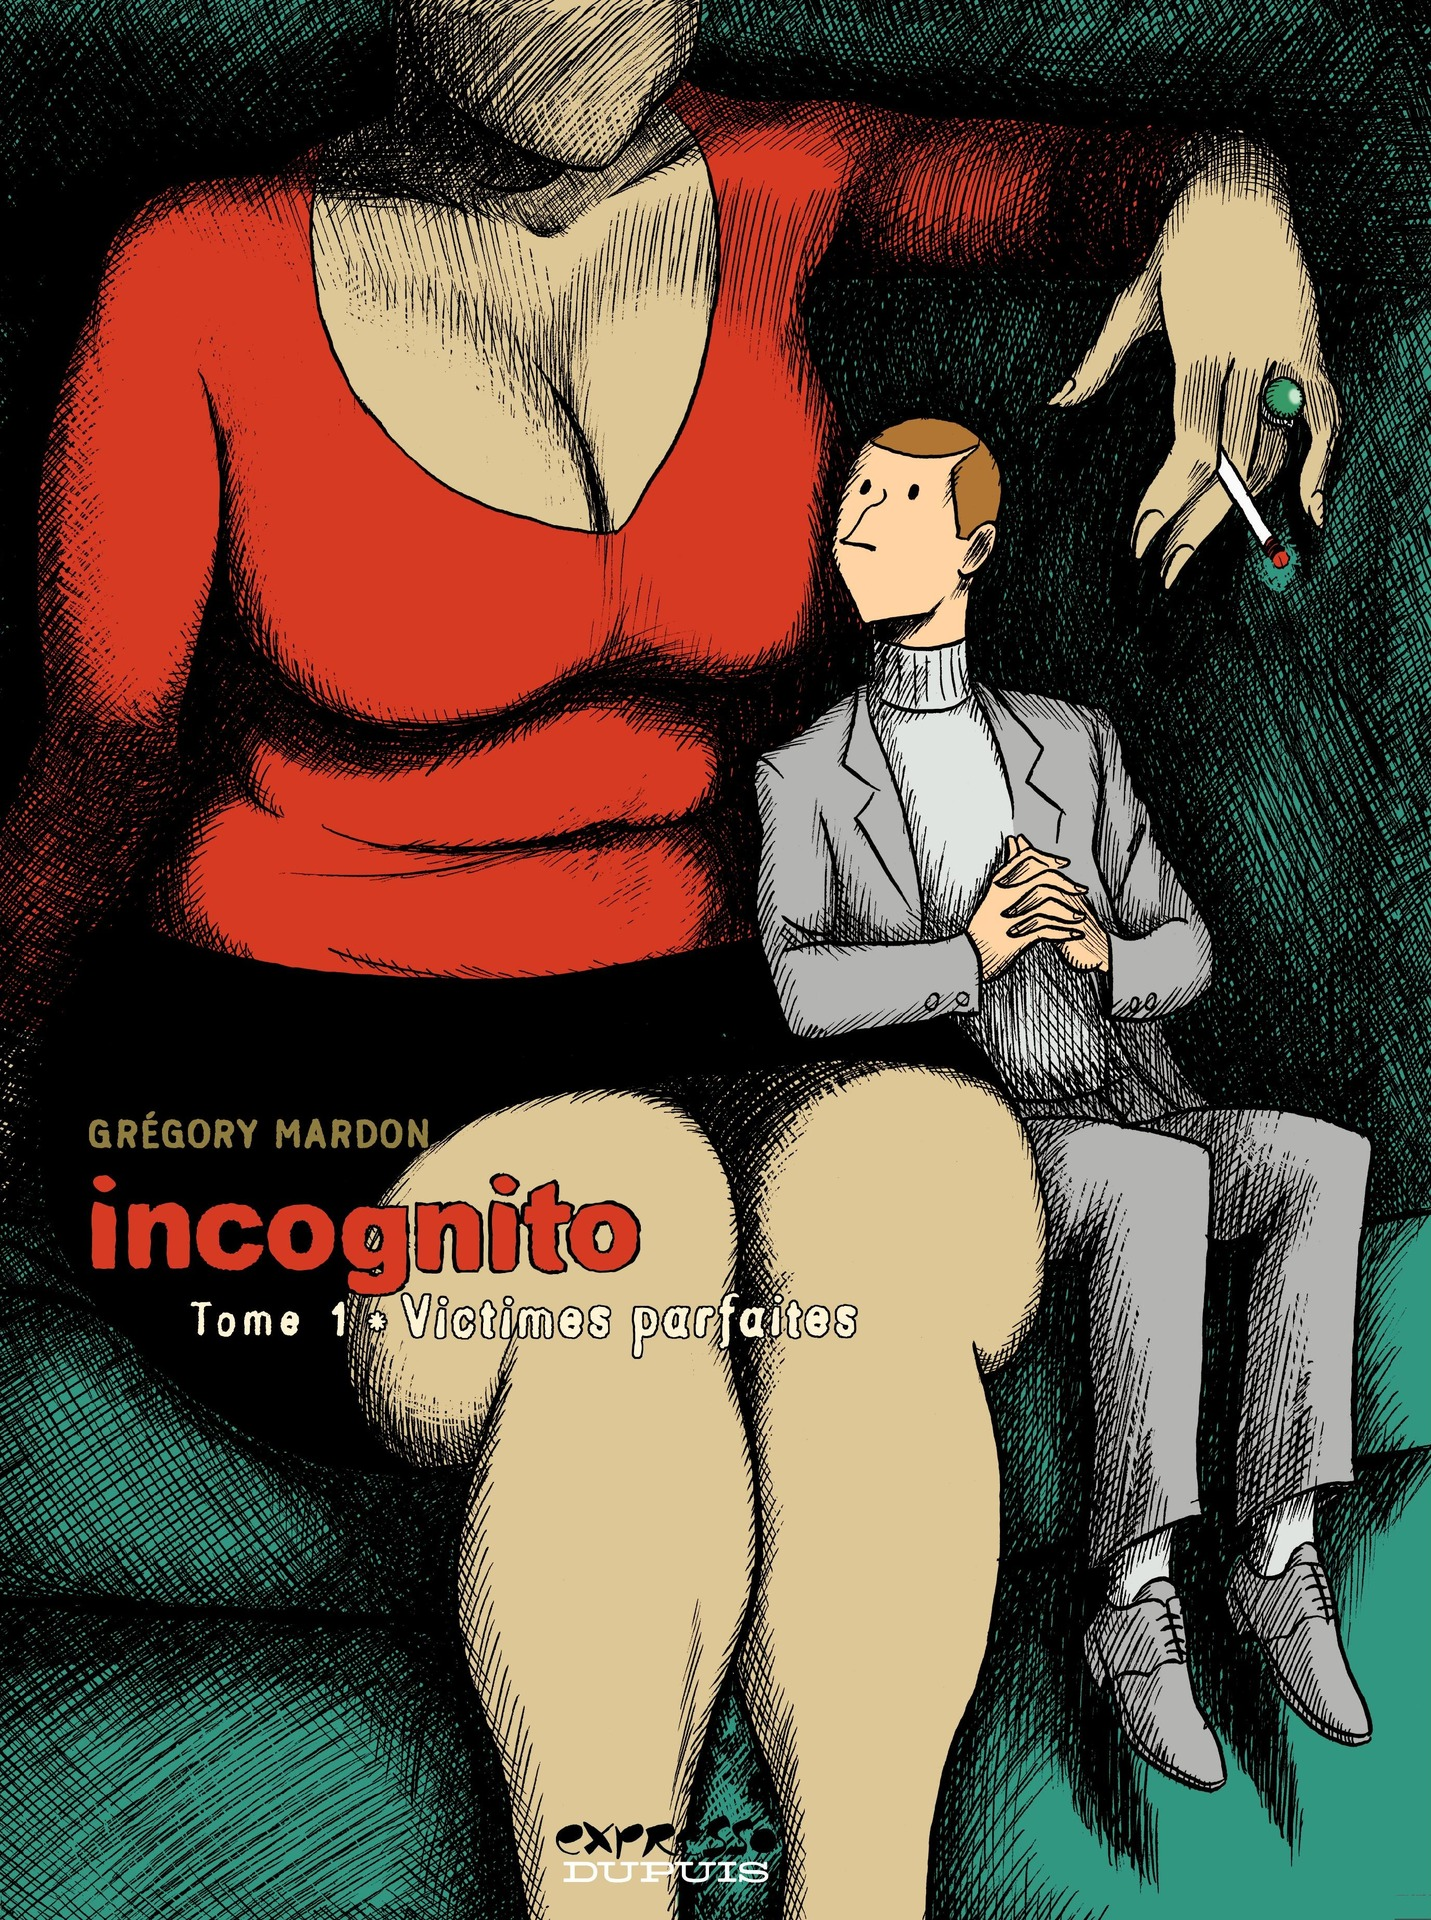 Incognito - Tome 1 - Victimes parfaites